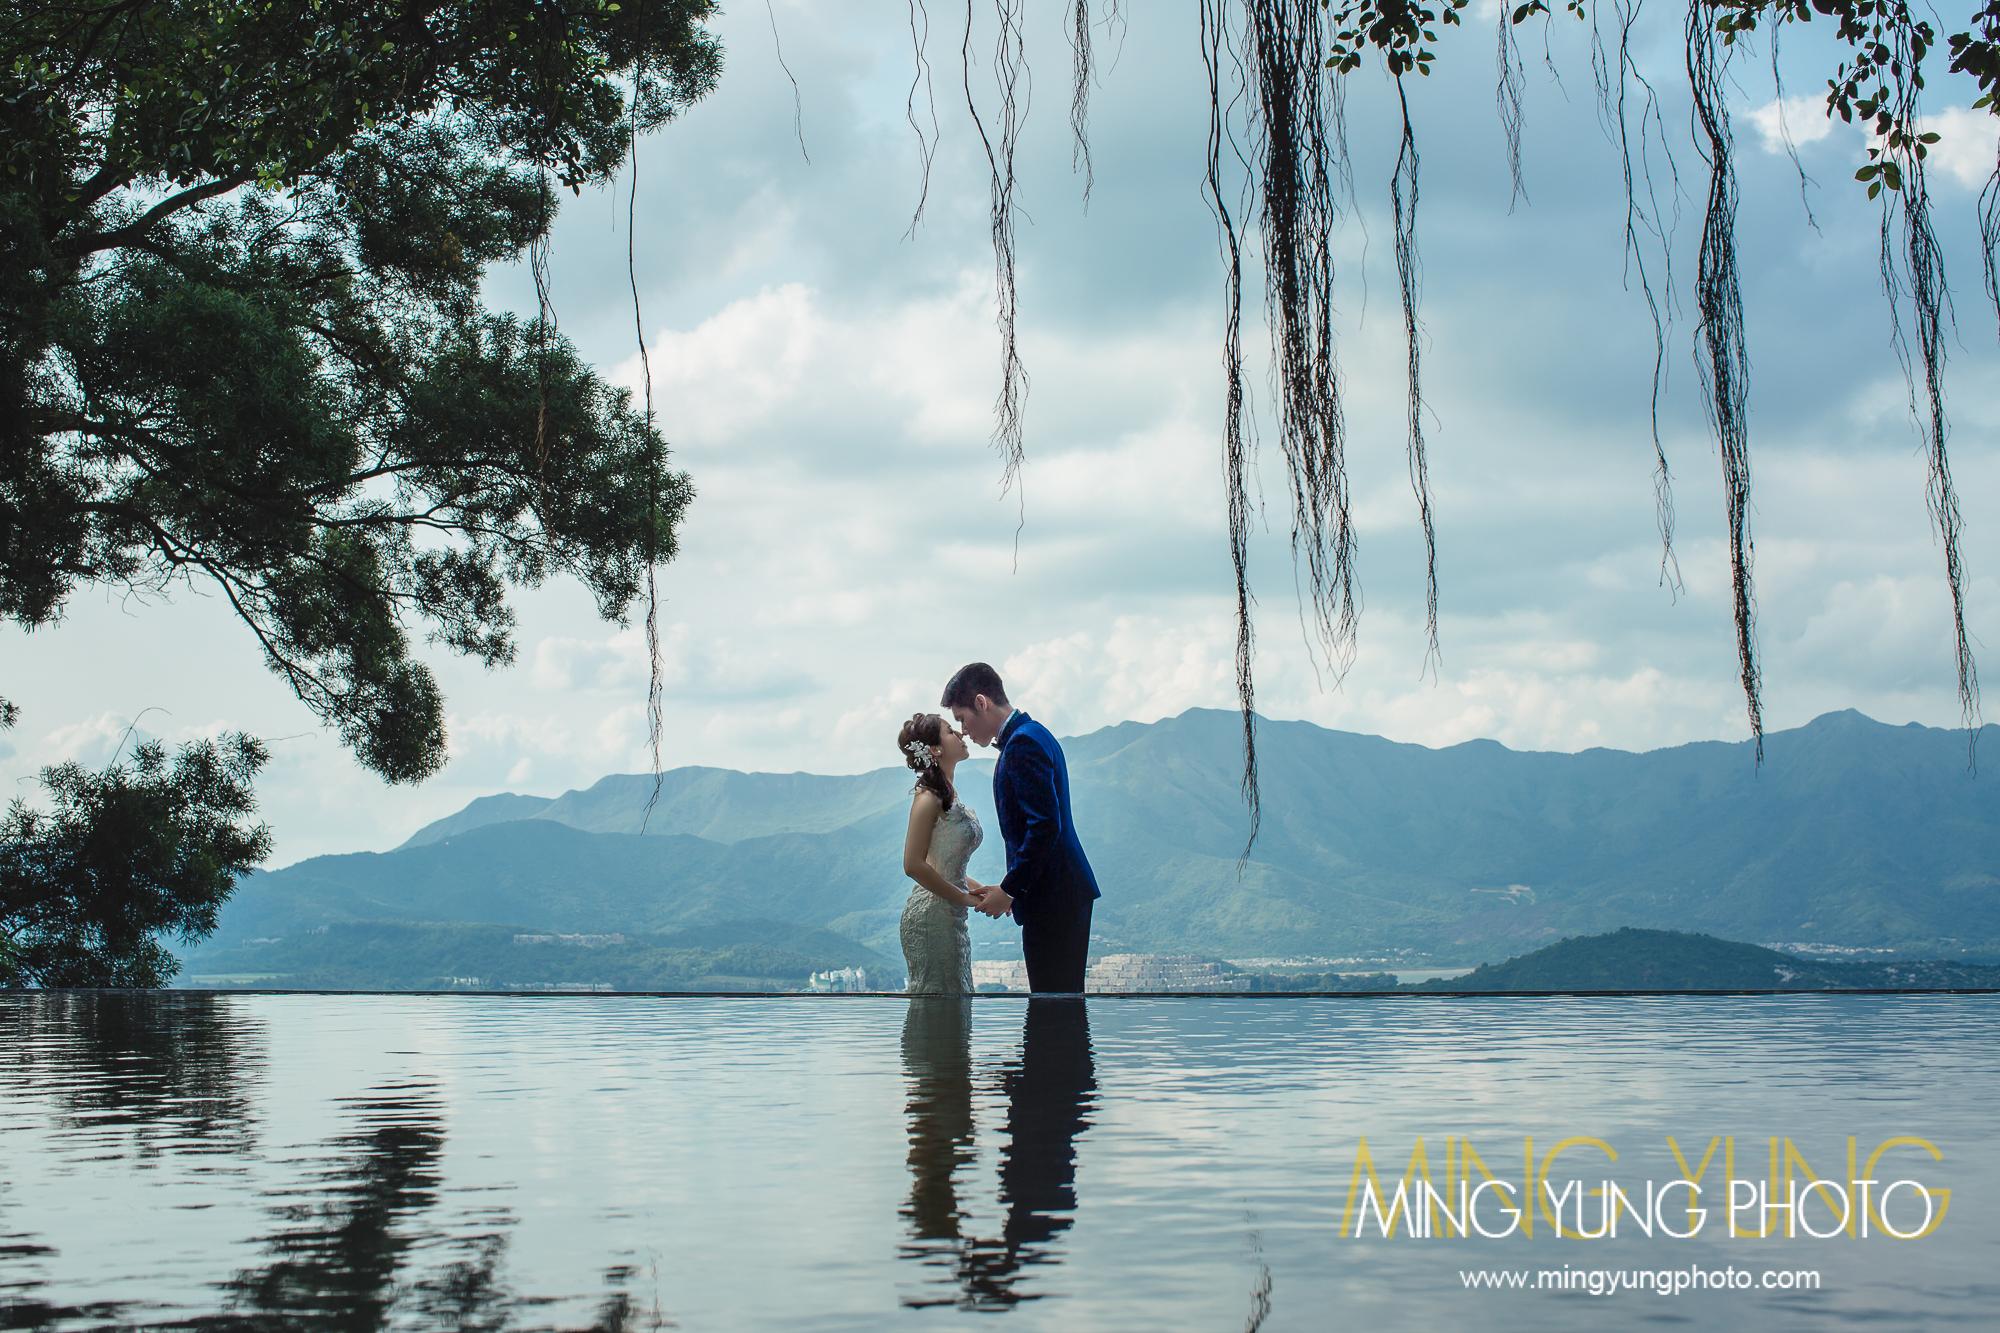 mingyungphoto-20160507-0011